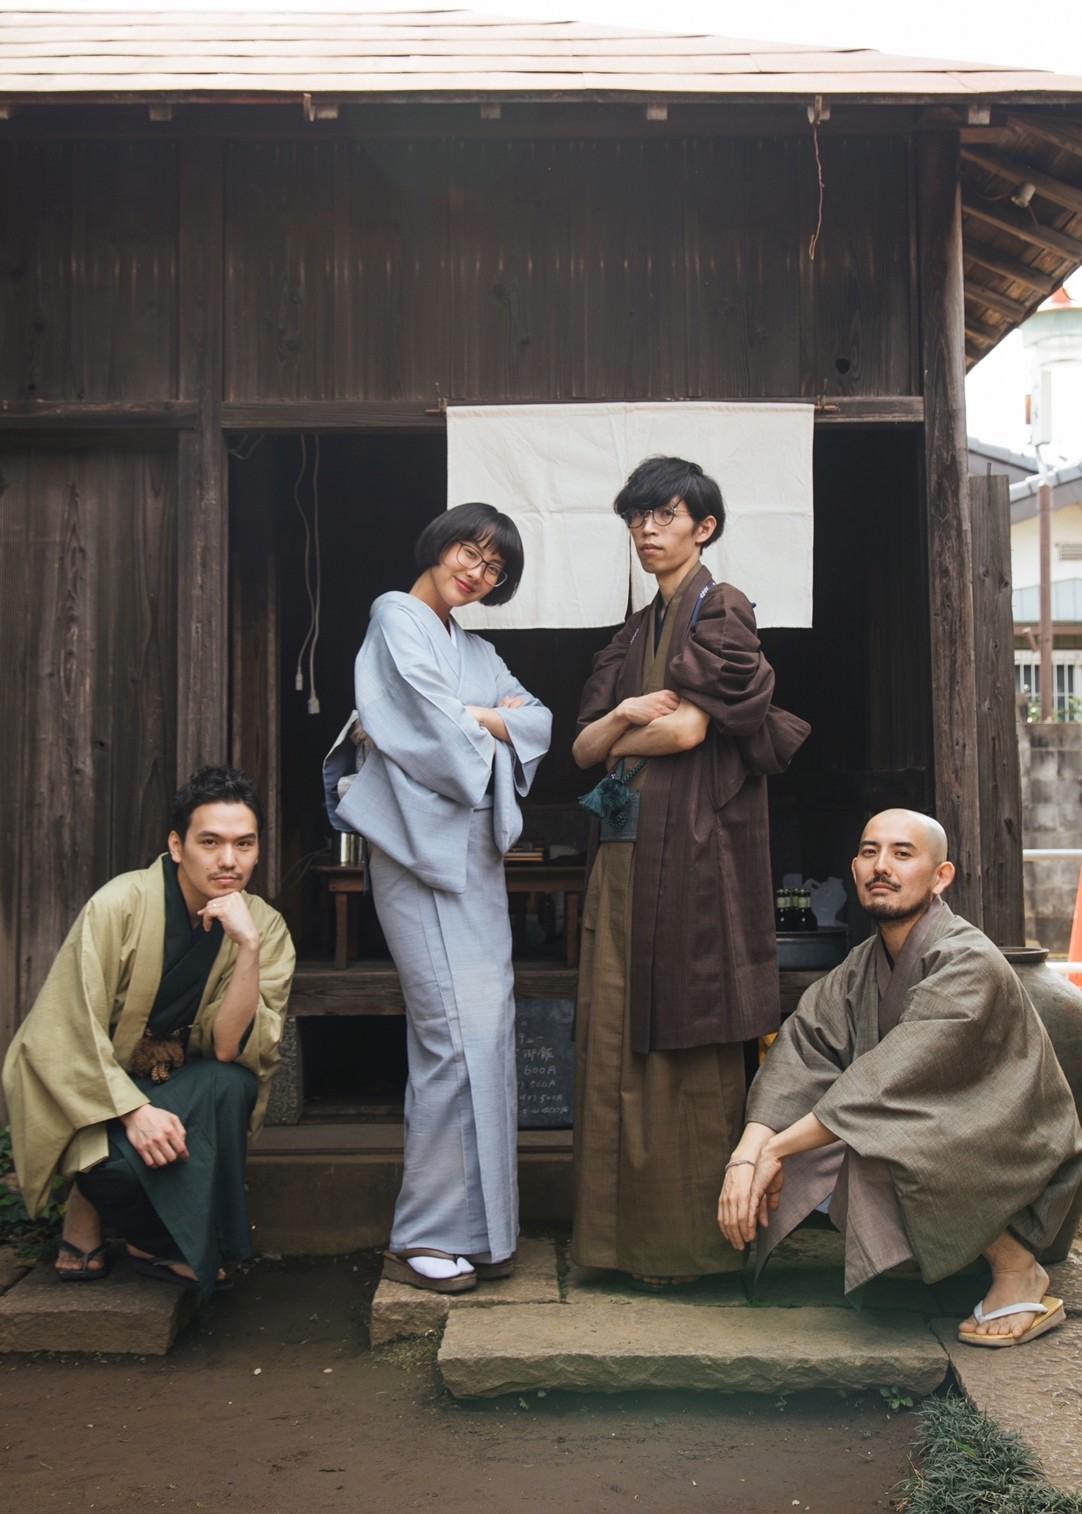 Wt atc yuinooto2019 kenhirama